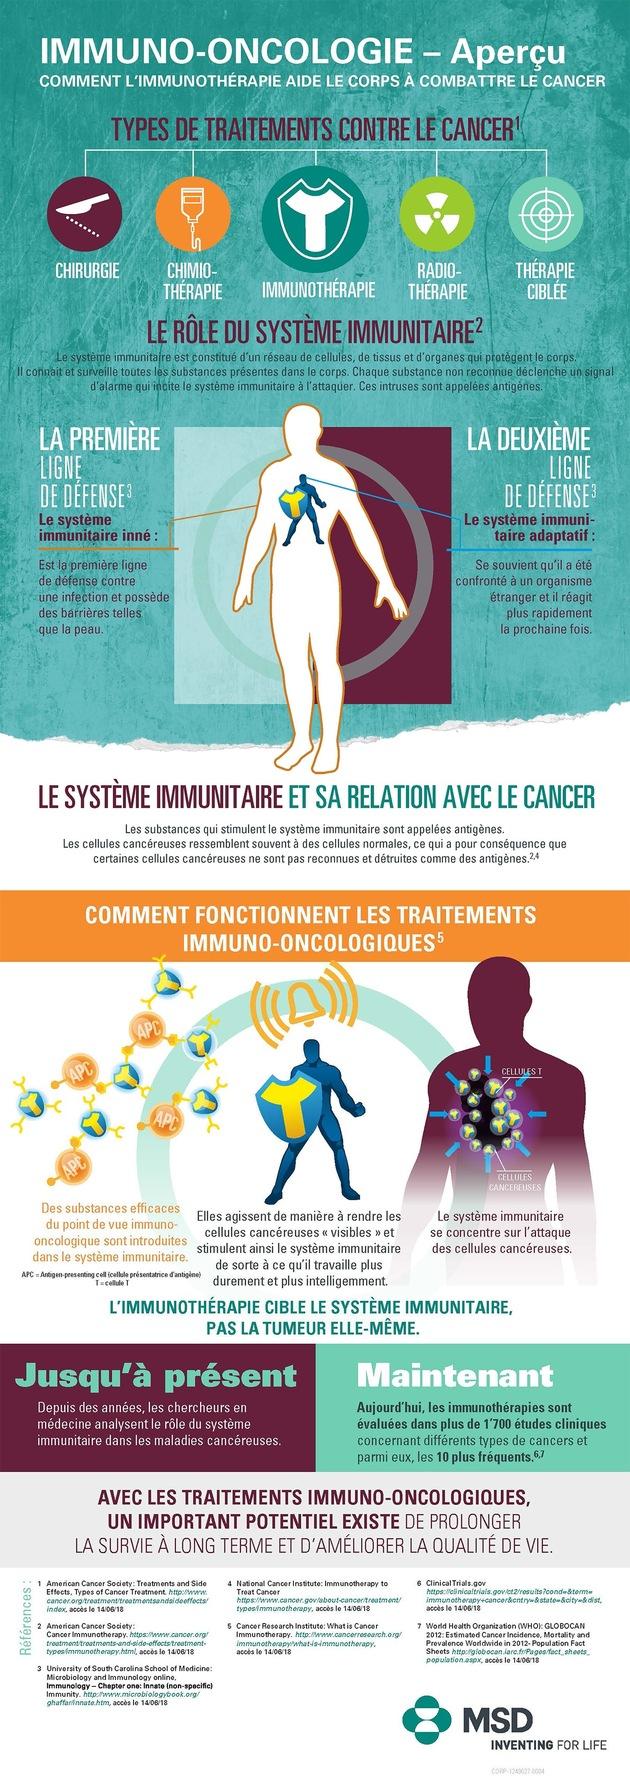 """Immuno-oncologie - Aperçu. Comment l'immunothérapie aide le corps à combattre le cancer. Texte complémentaire par ots et sur www.presseportal.ch/fr/nr/100053016 / L'utilisation de cette image est pour des buts redactionnels gratuite. Publication sous indication de source: """"obs/MSD Merck Sharp & Dohme AG"""""""